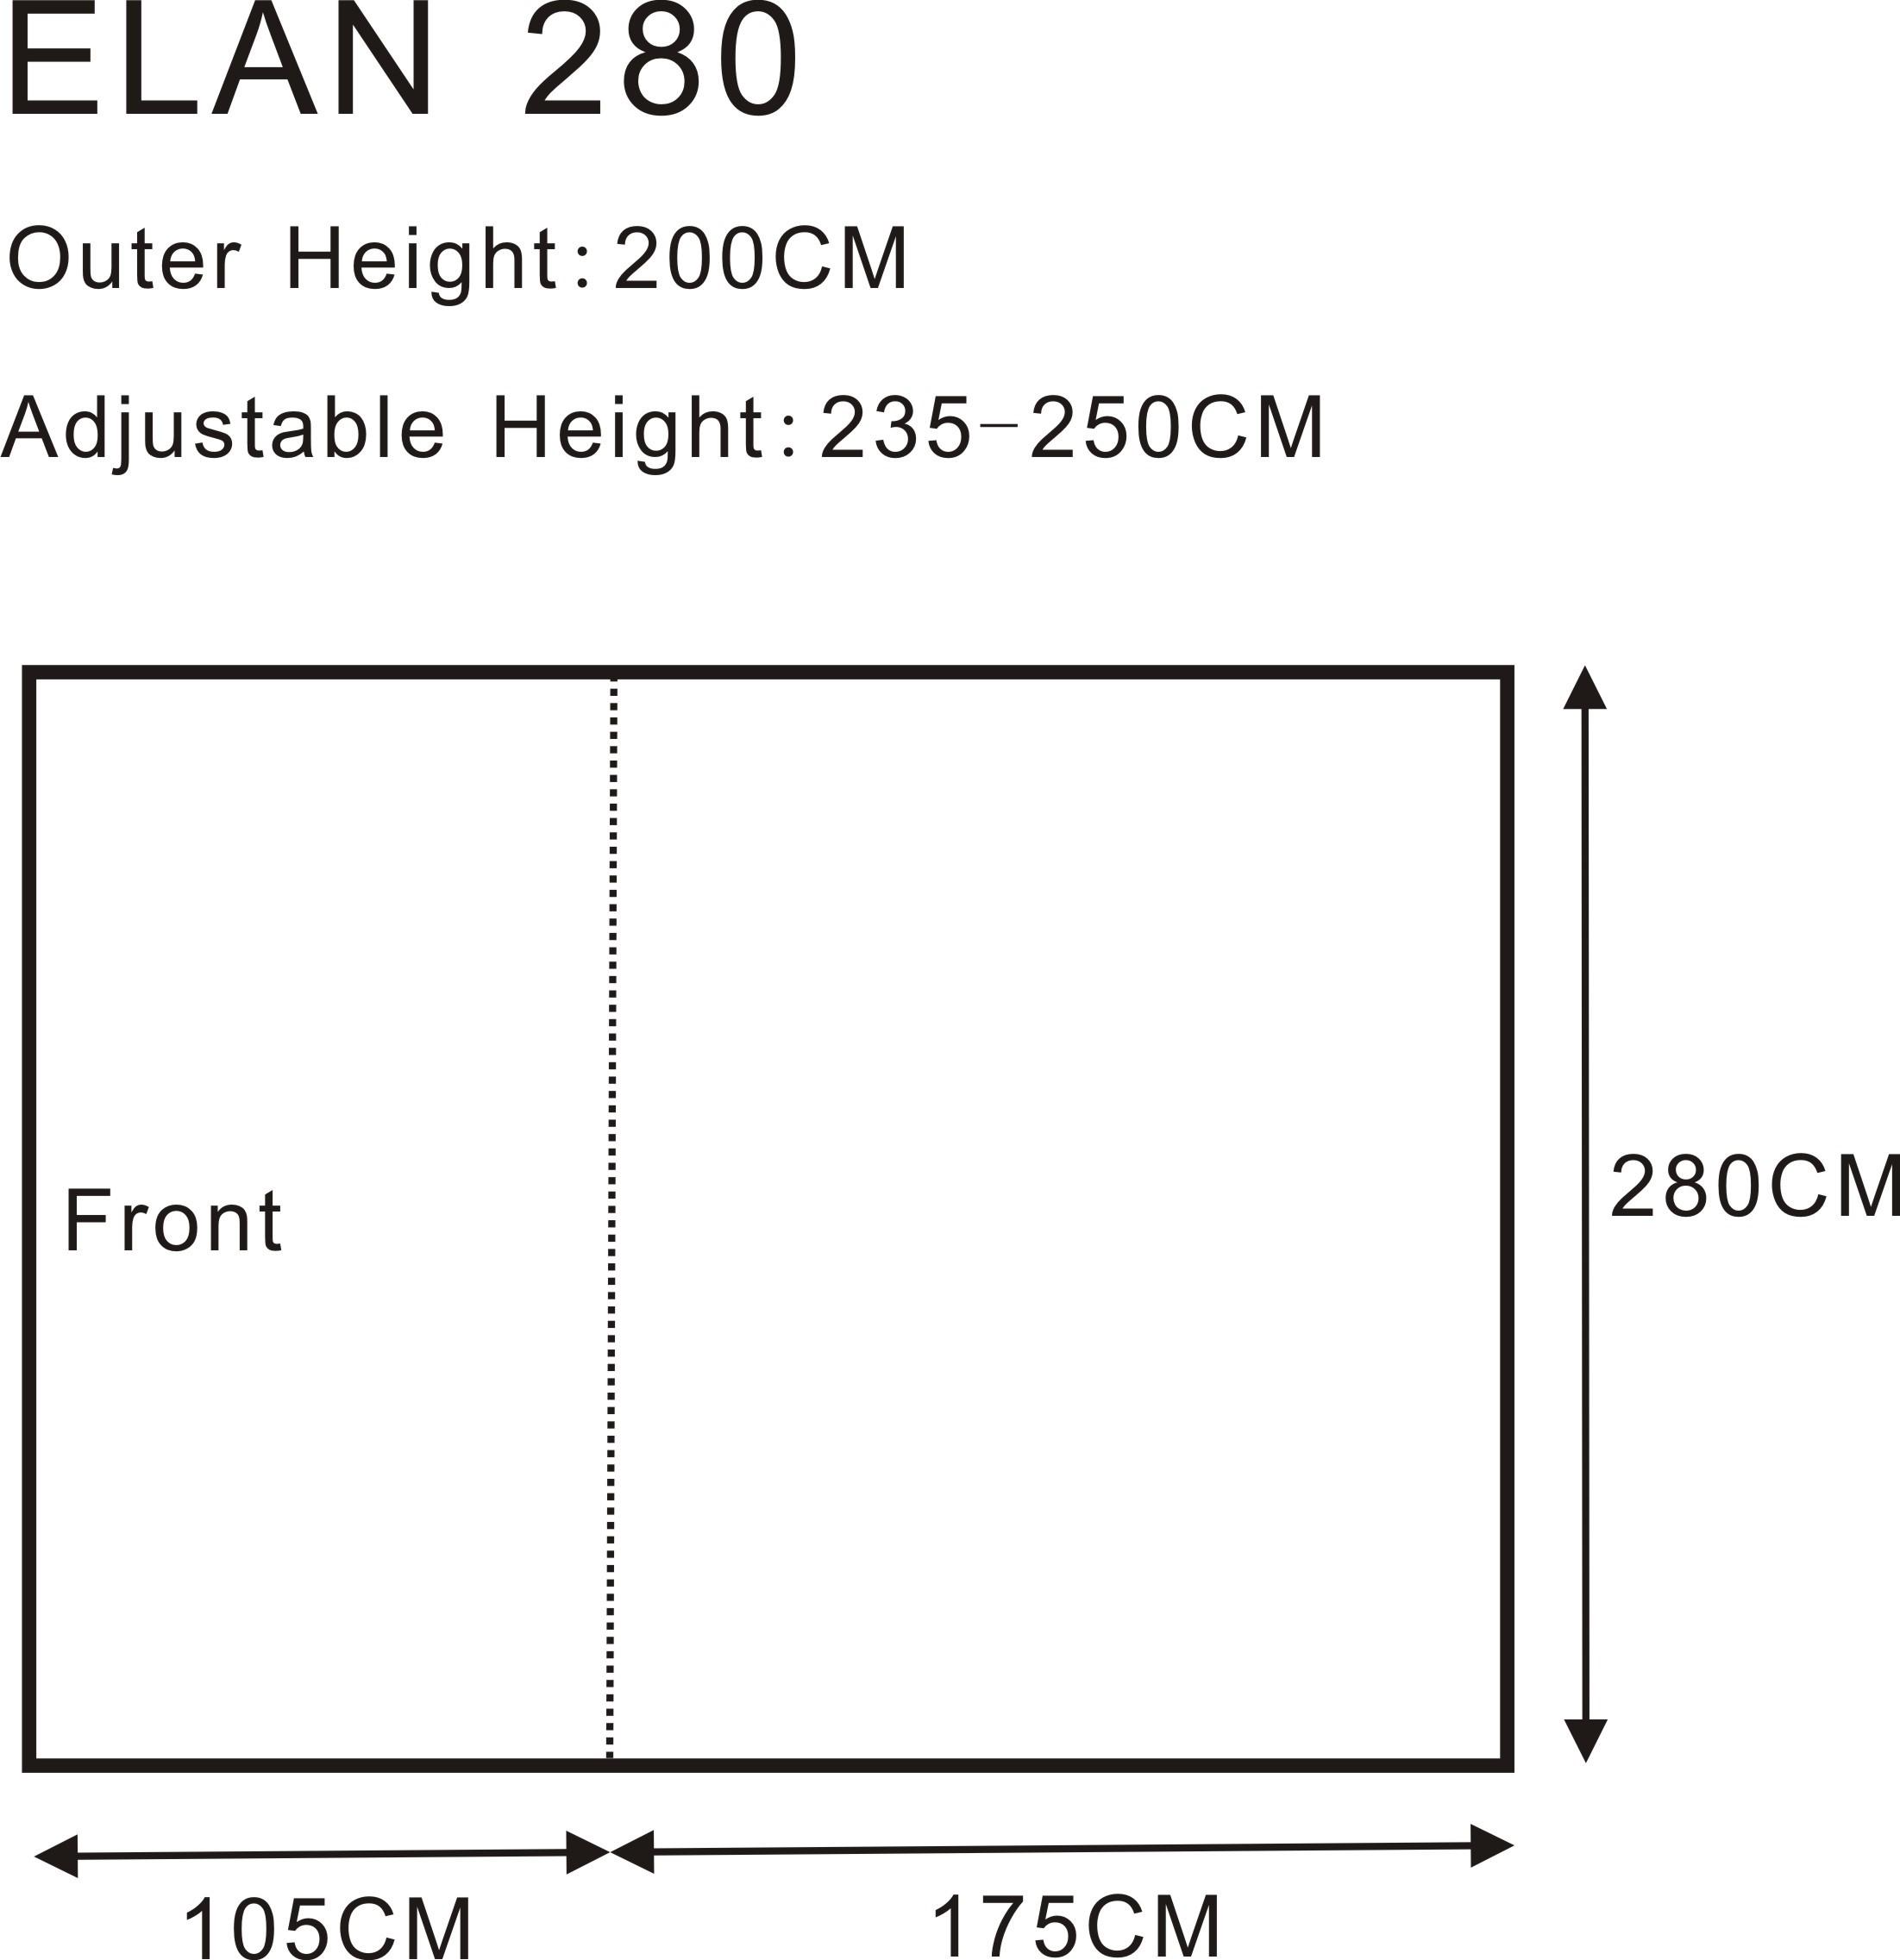 Elan 280 Floorplan